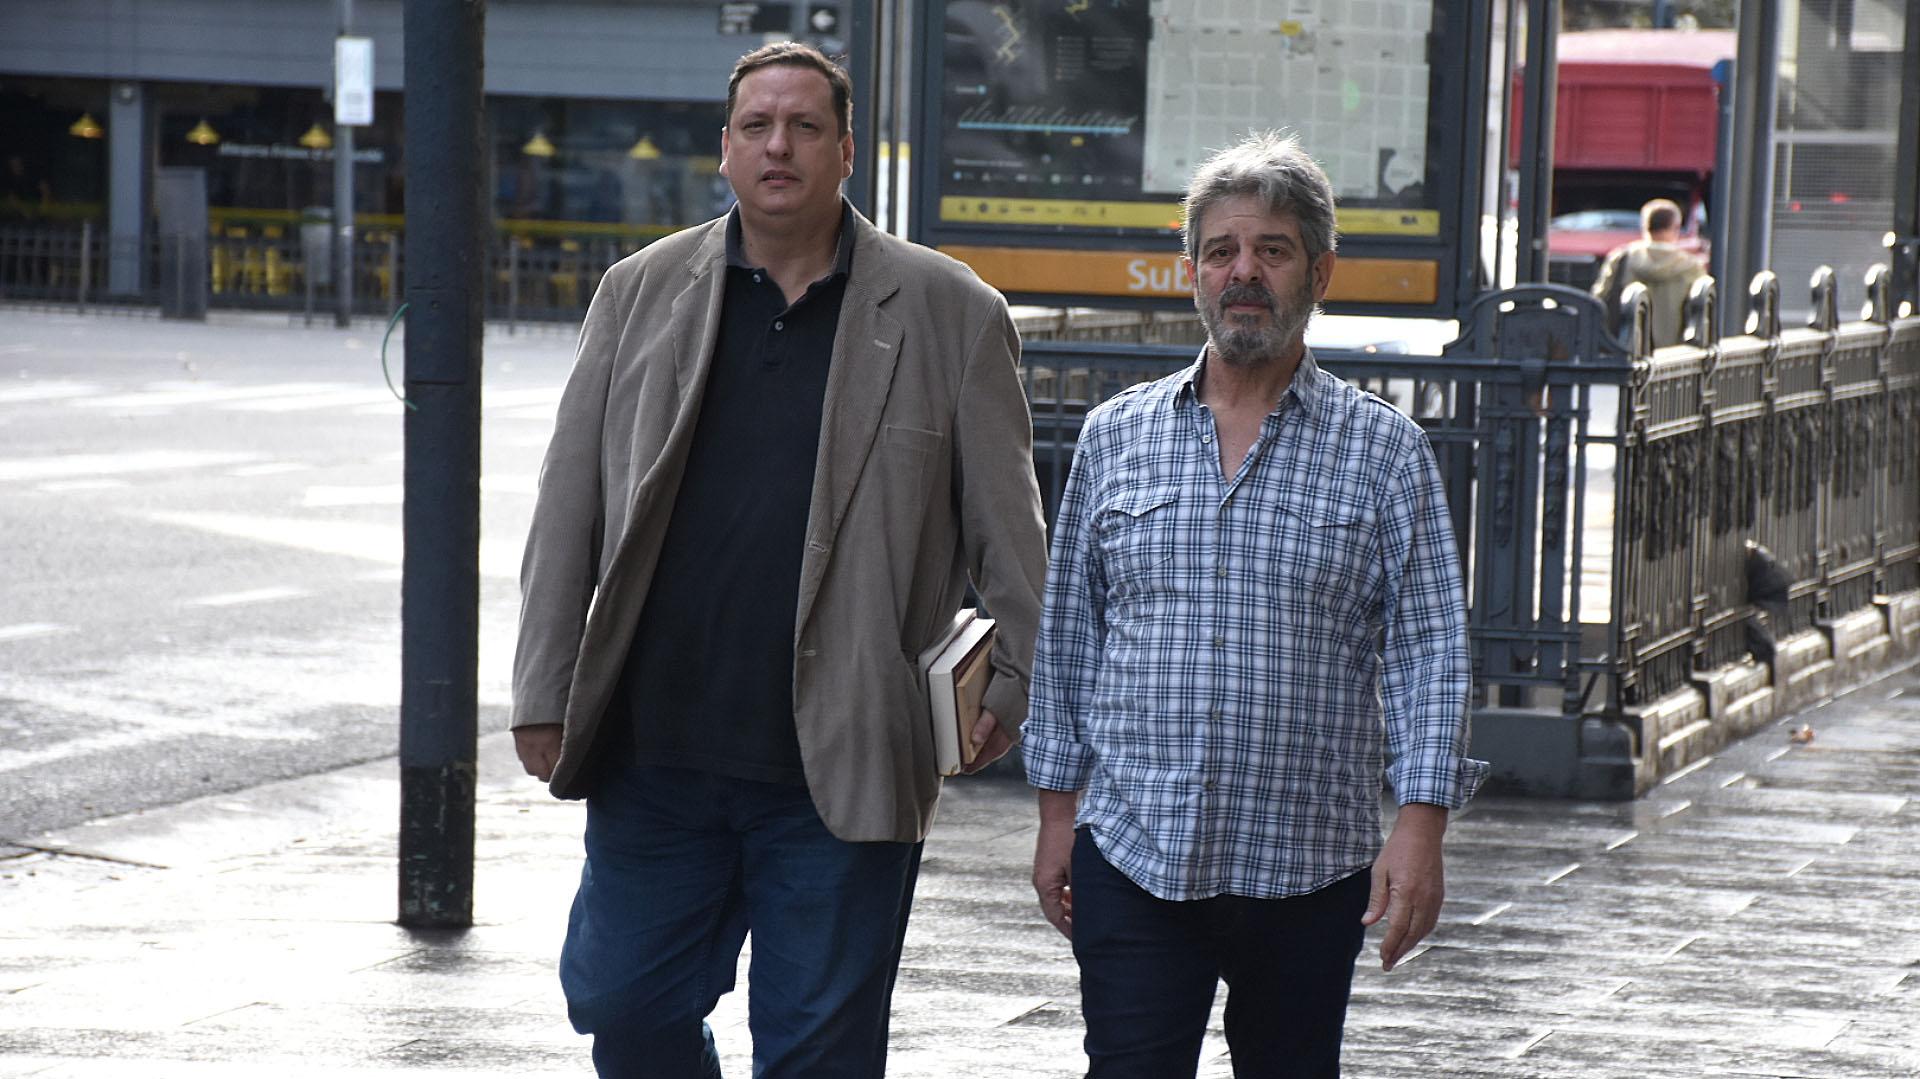 El escritor Hernán Brienza y Sergio Burstein, dirigente de Familiares y Amigos de las Víctimas de la AMIA